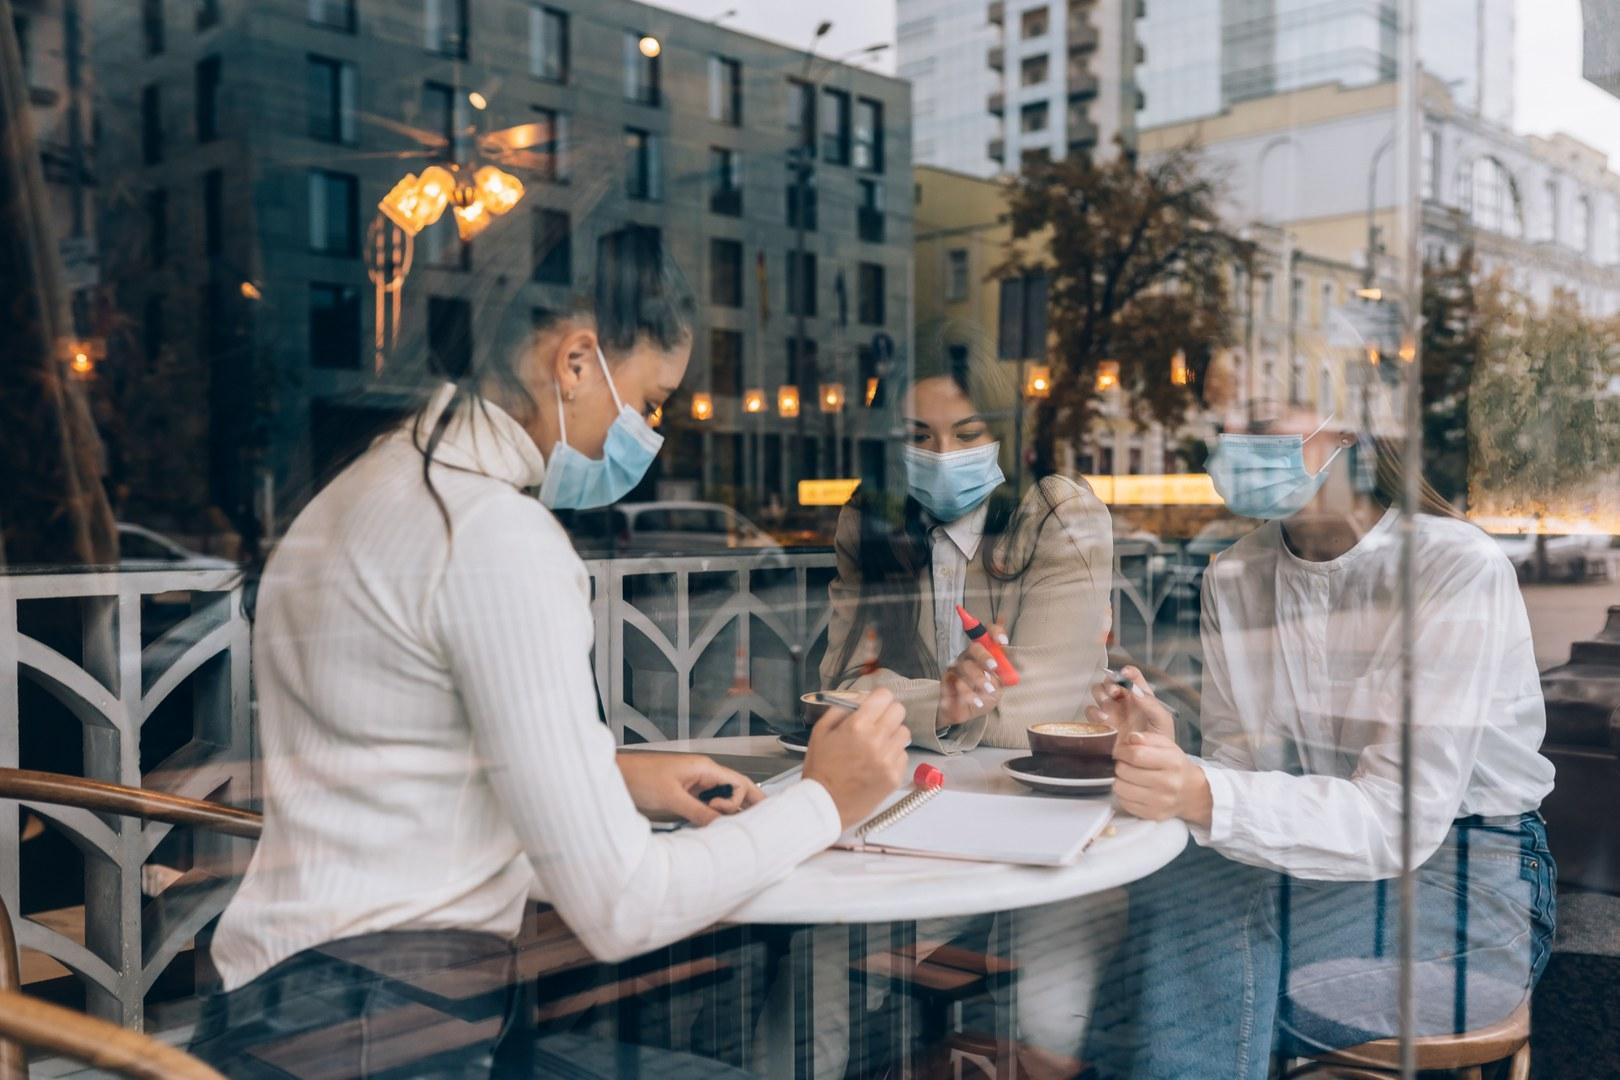 Welche Faktoren beeinflussen die Virusausbreitung auf biomedizinischer und sozioökonomischer Ebene?